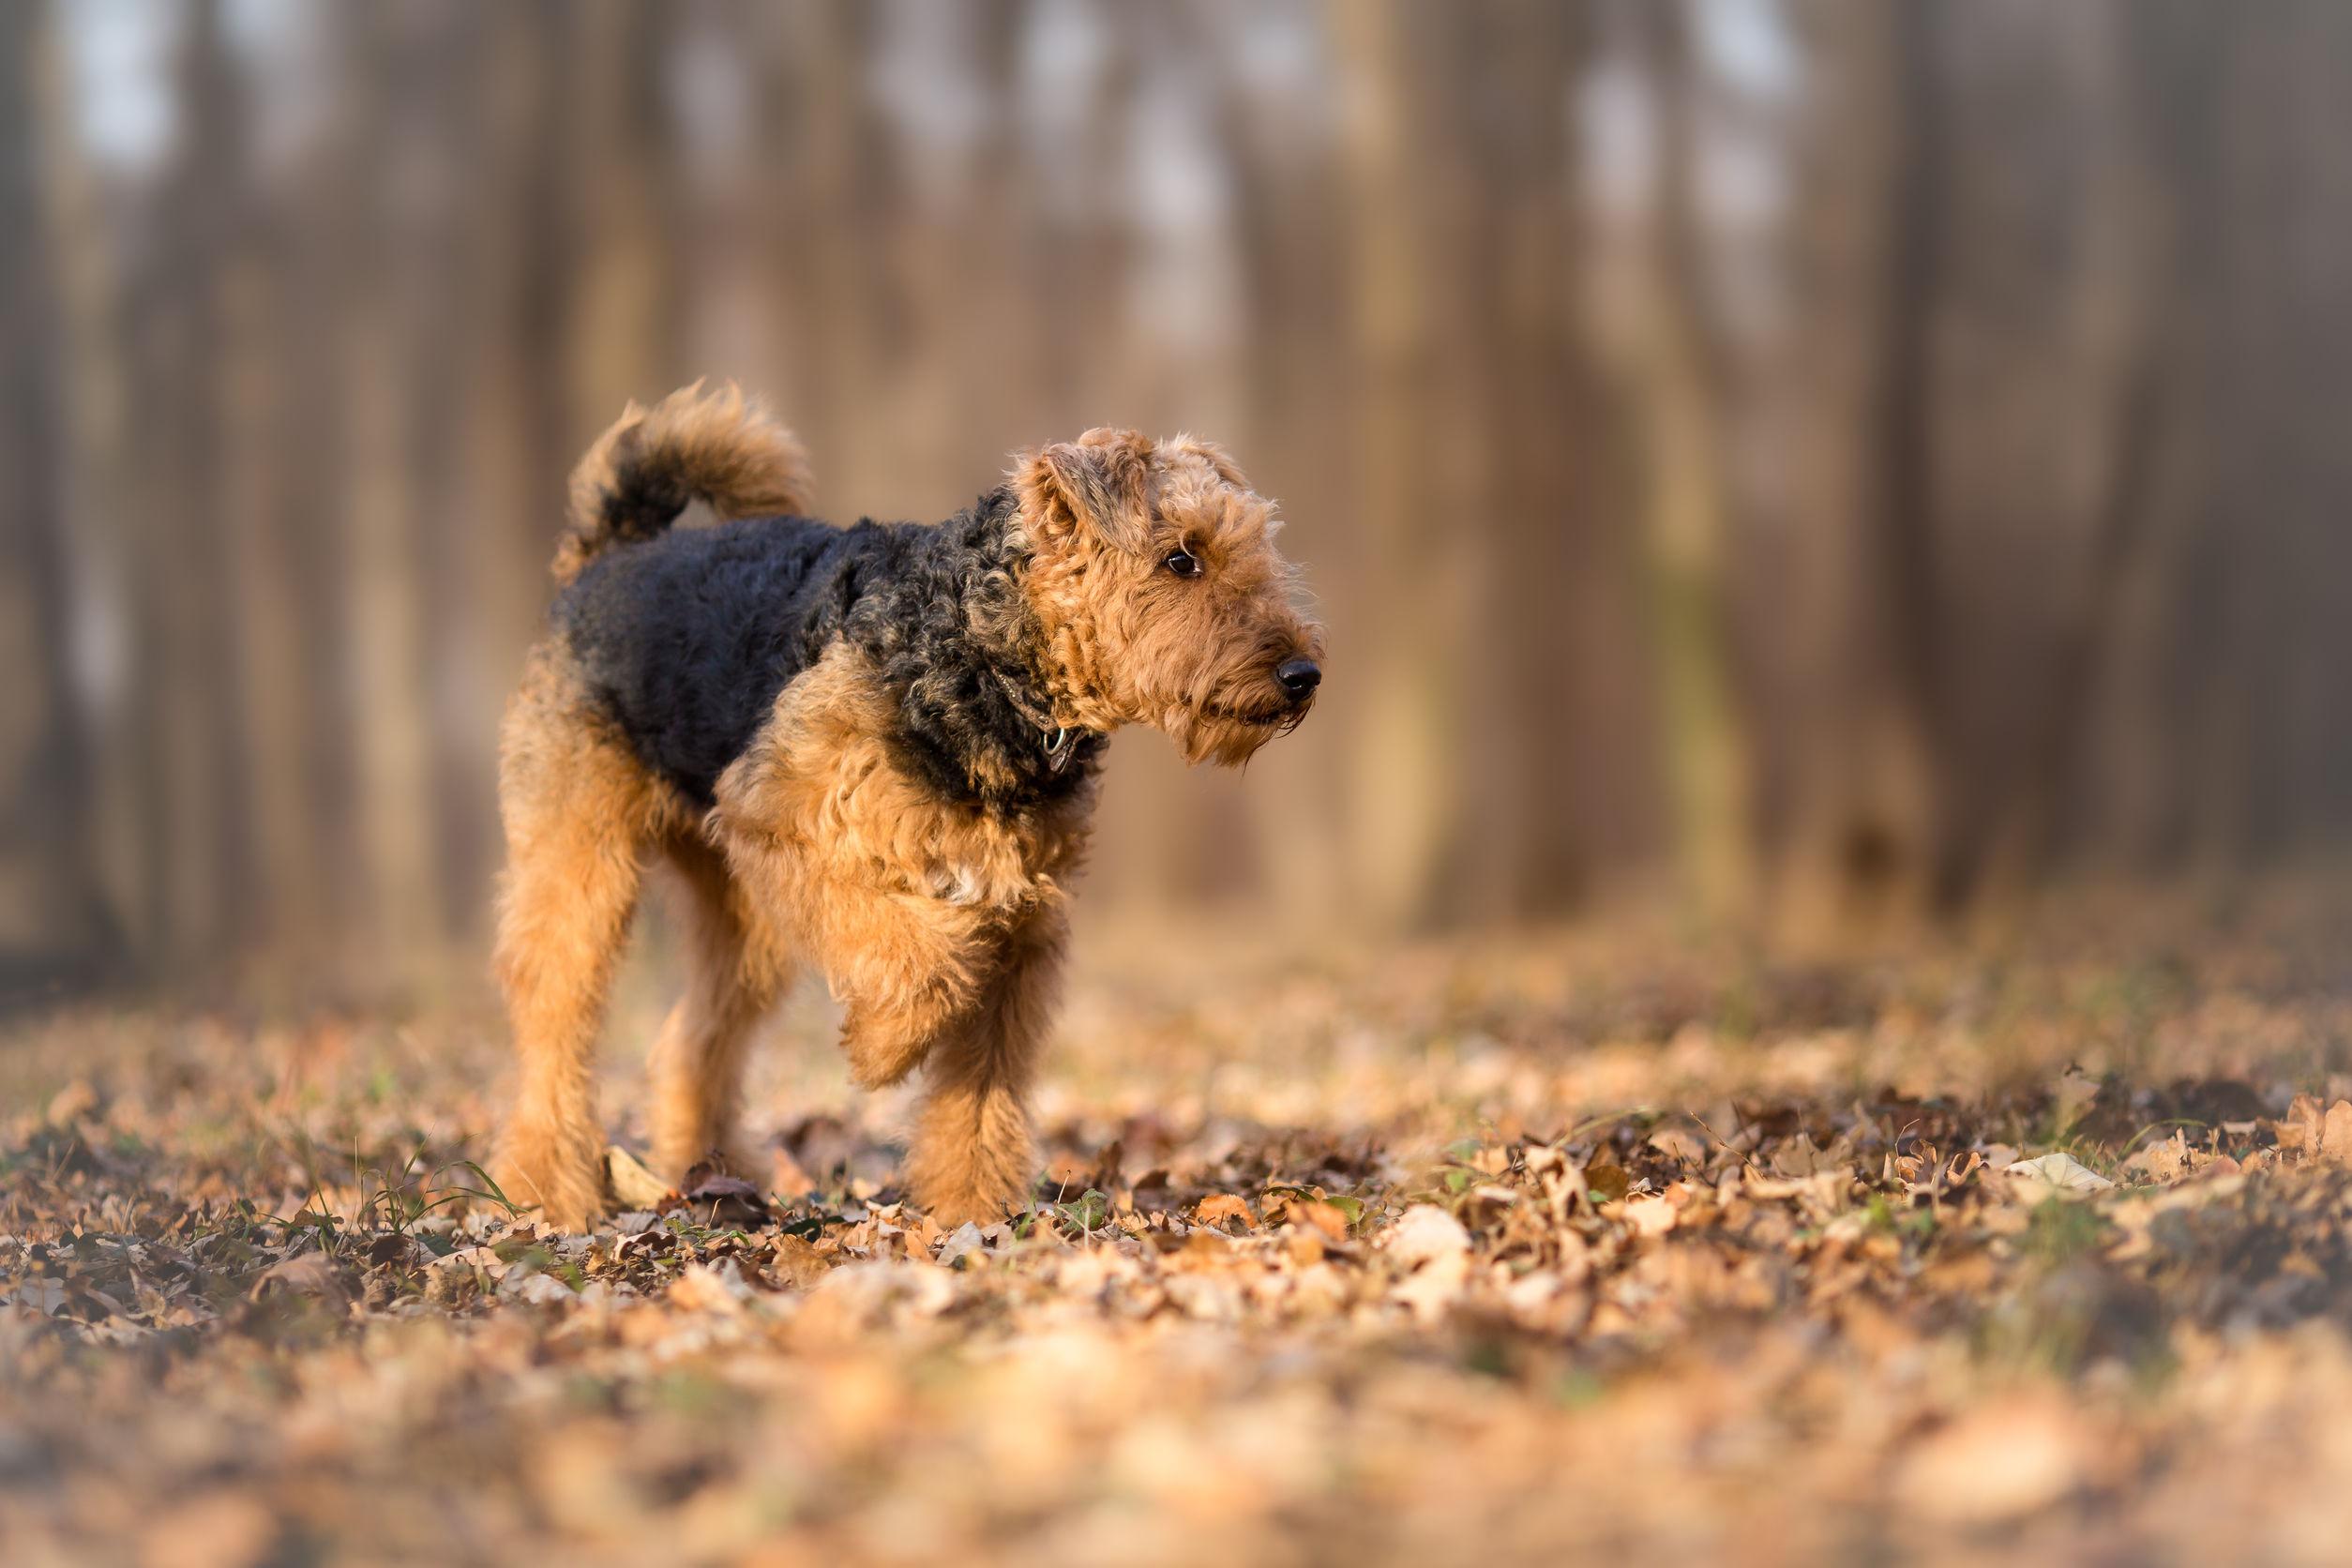 Czy Każdy Pies Gubi Sierść Maxandmraupl